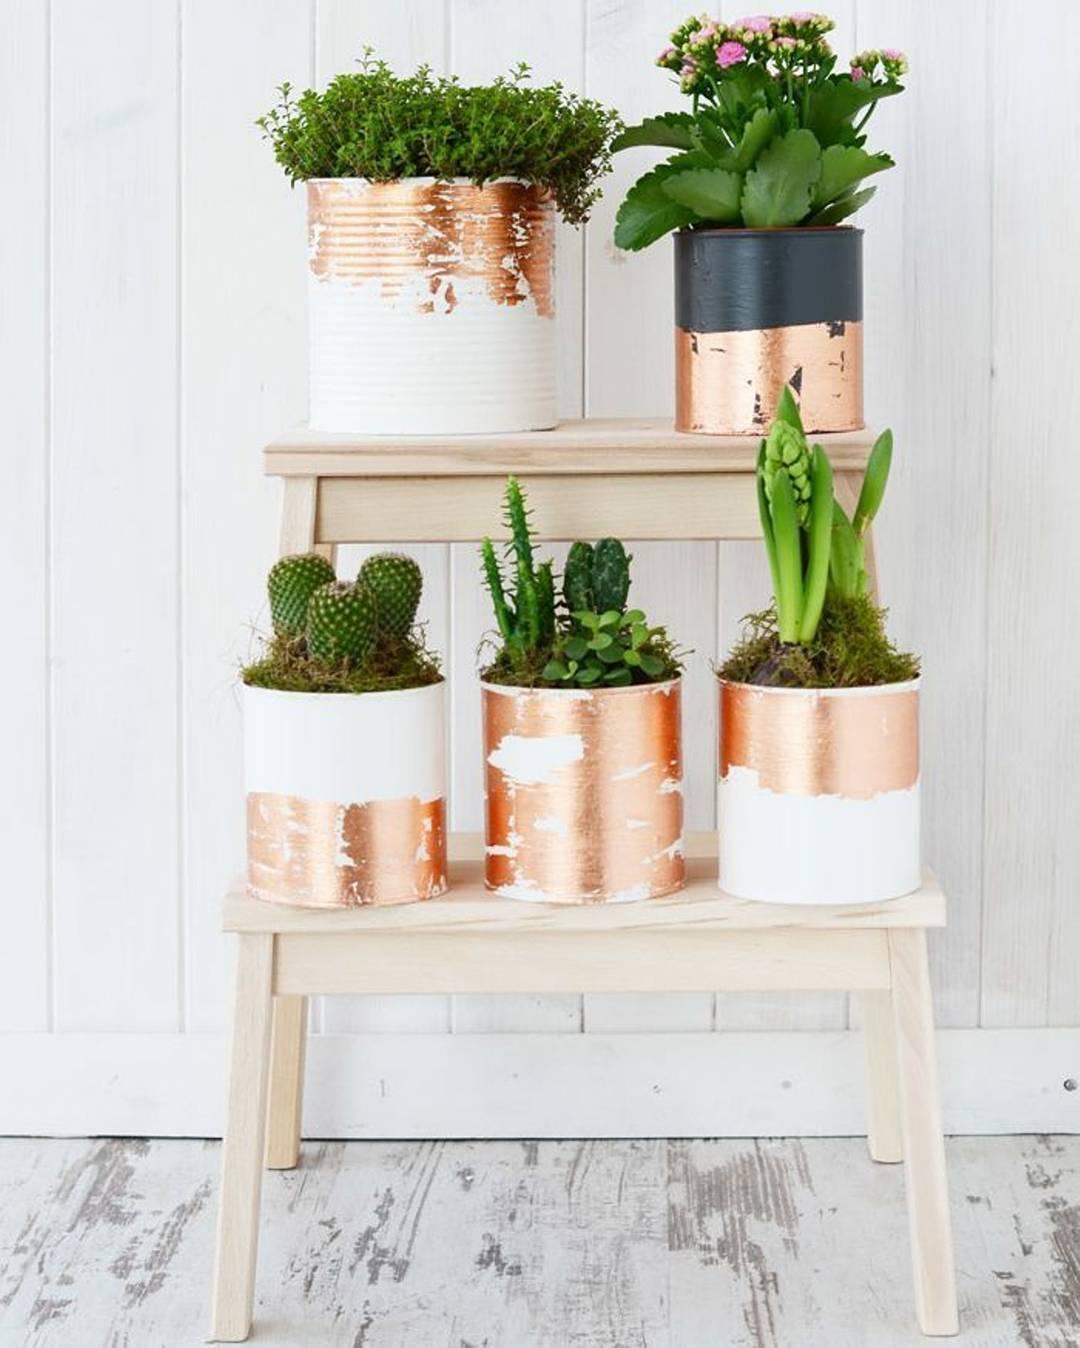 zéro déchet cache pot boite conserve recyclé blanc cuivre cactus tabouret bois - blog déco - clem around the corner